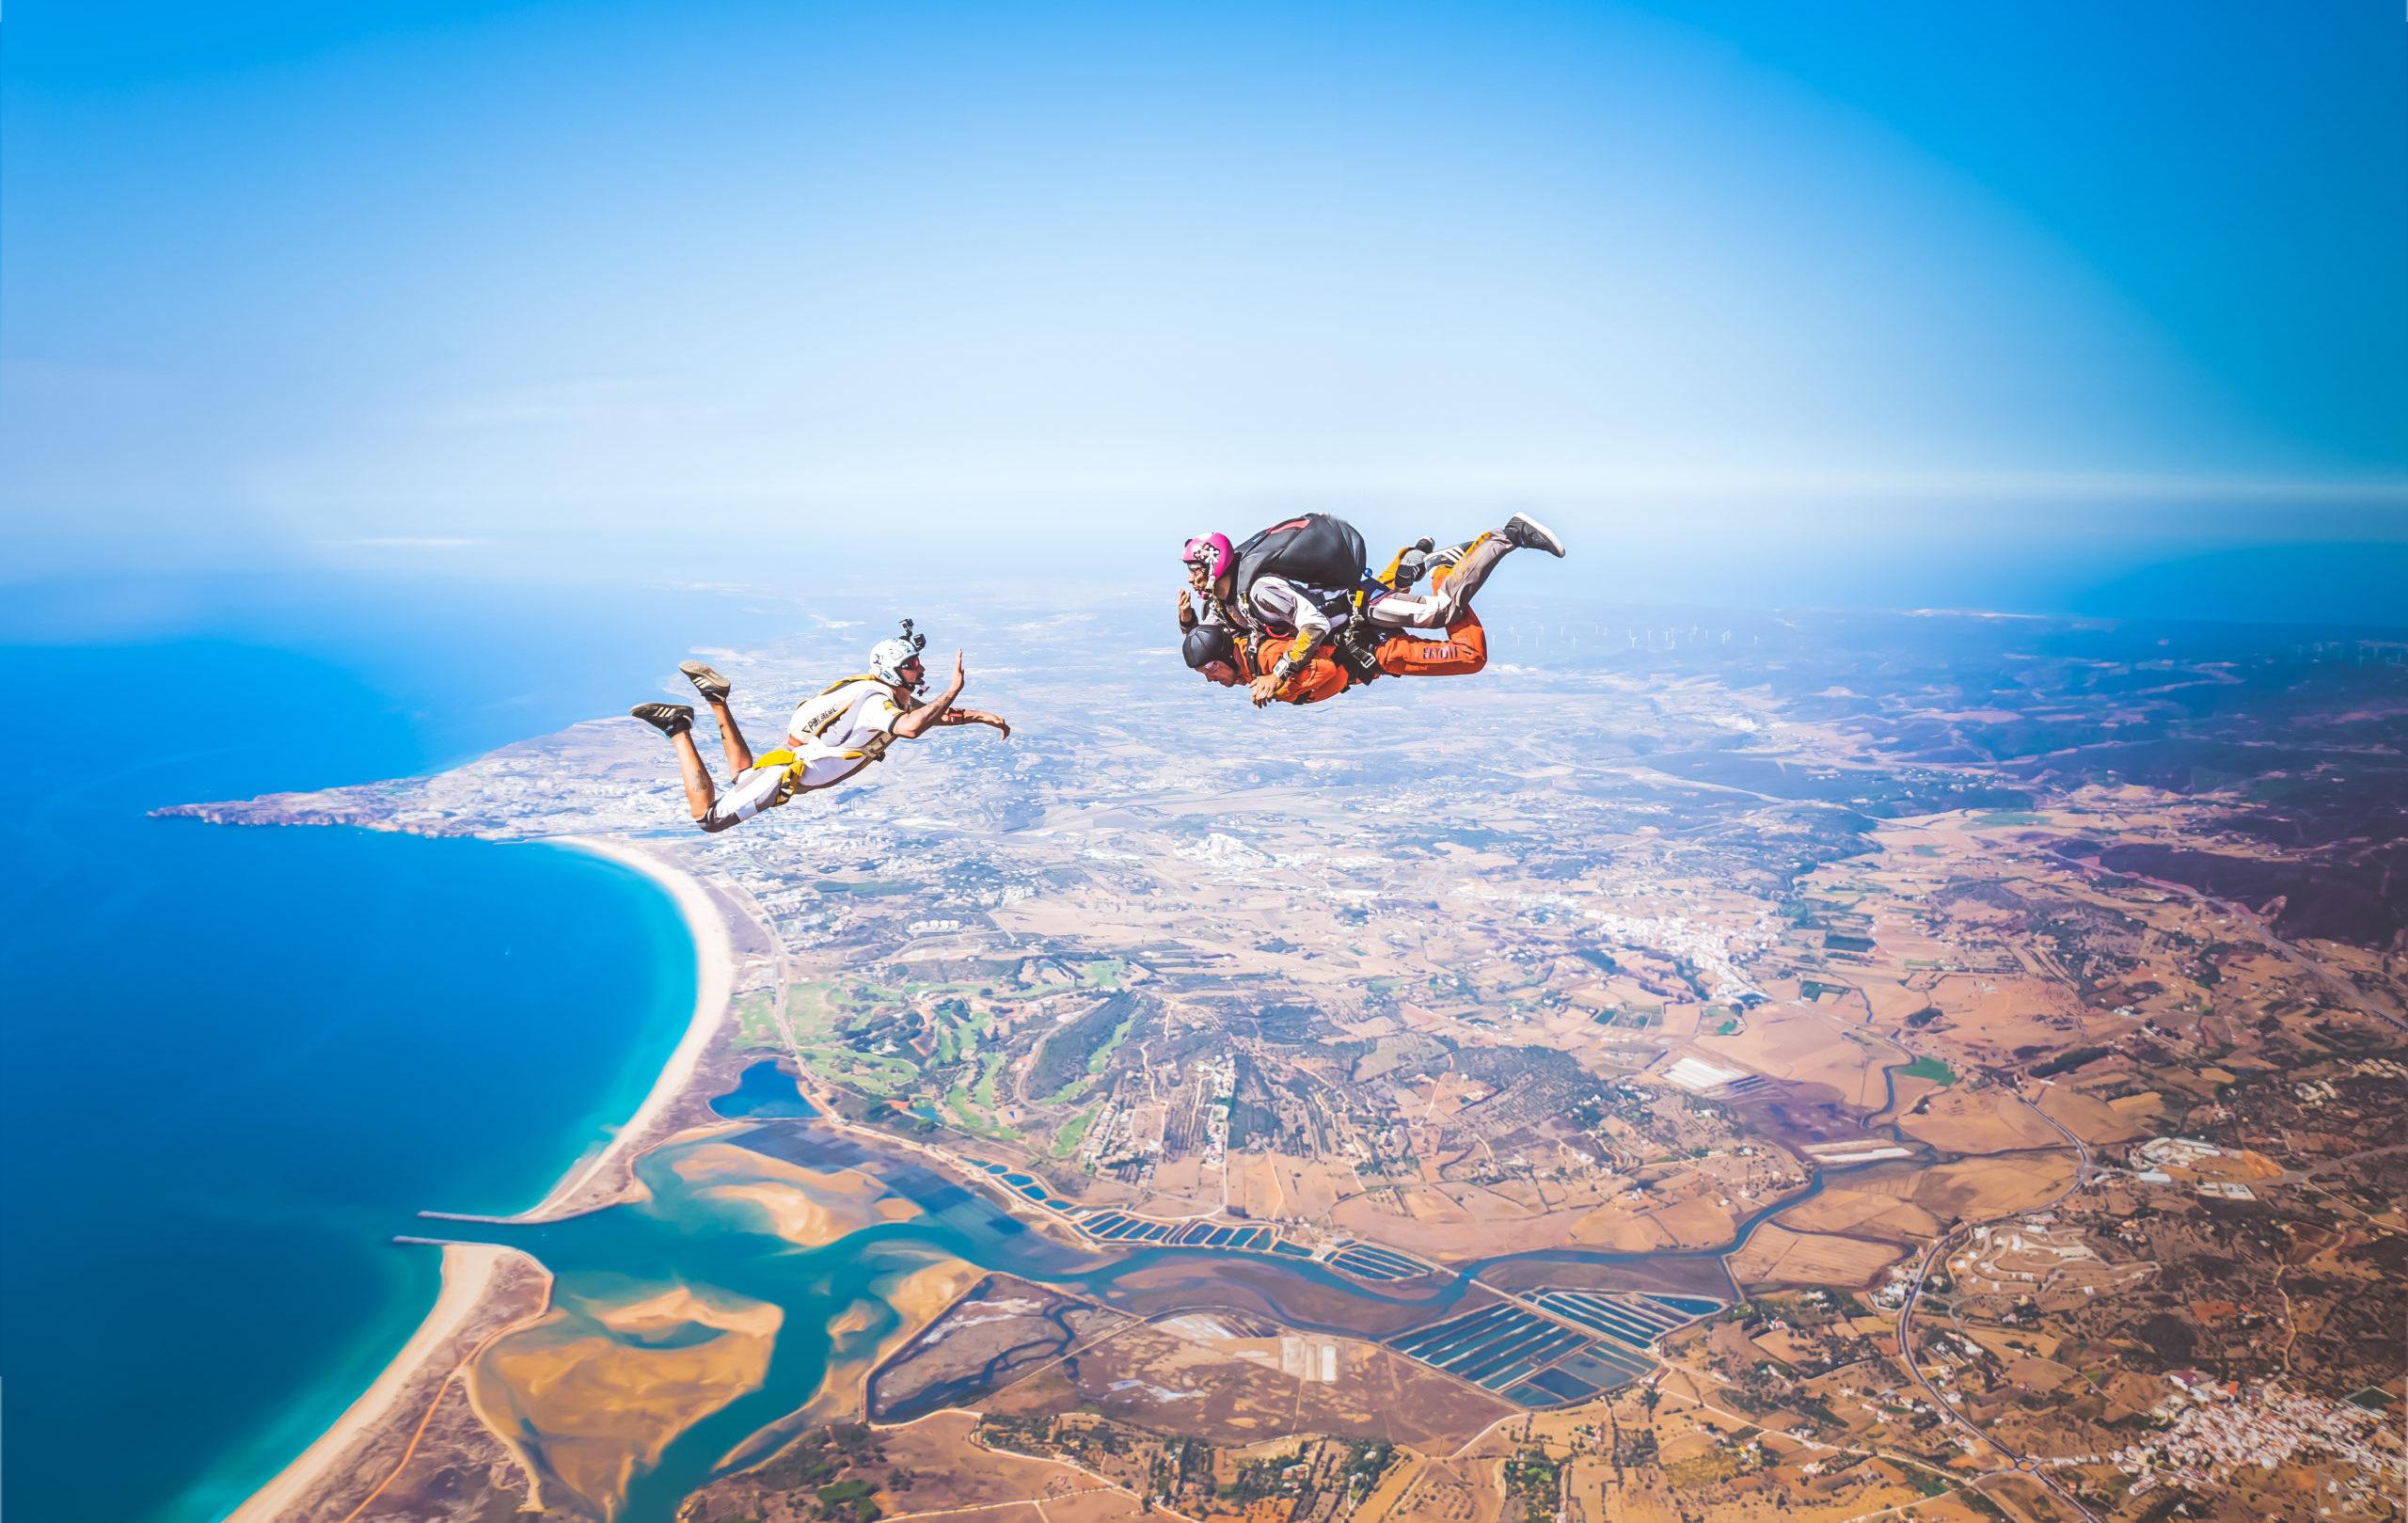 DSC06896_edit   Skydive Algarve